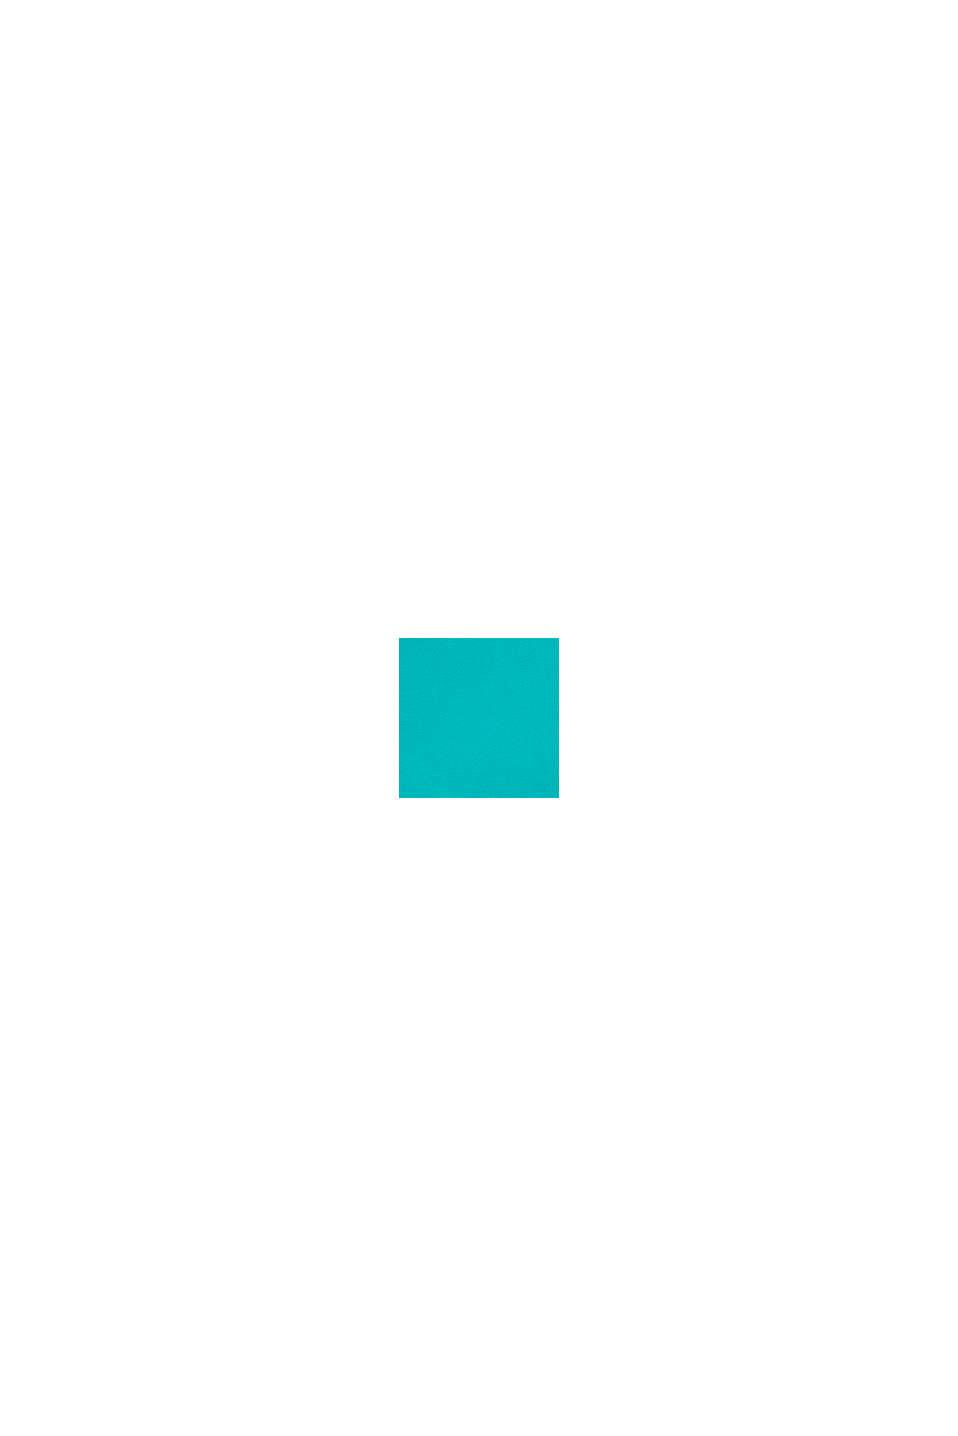 Bermudas mit Streifen-Print, Baumwoll-Stretch, DARK TURQUOISE, swatch